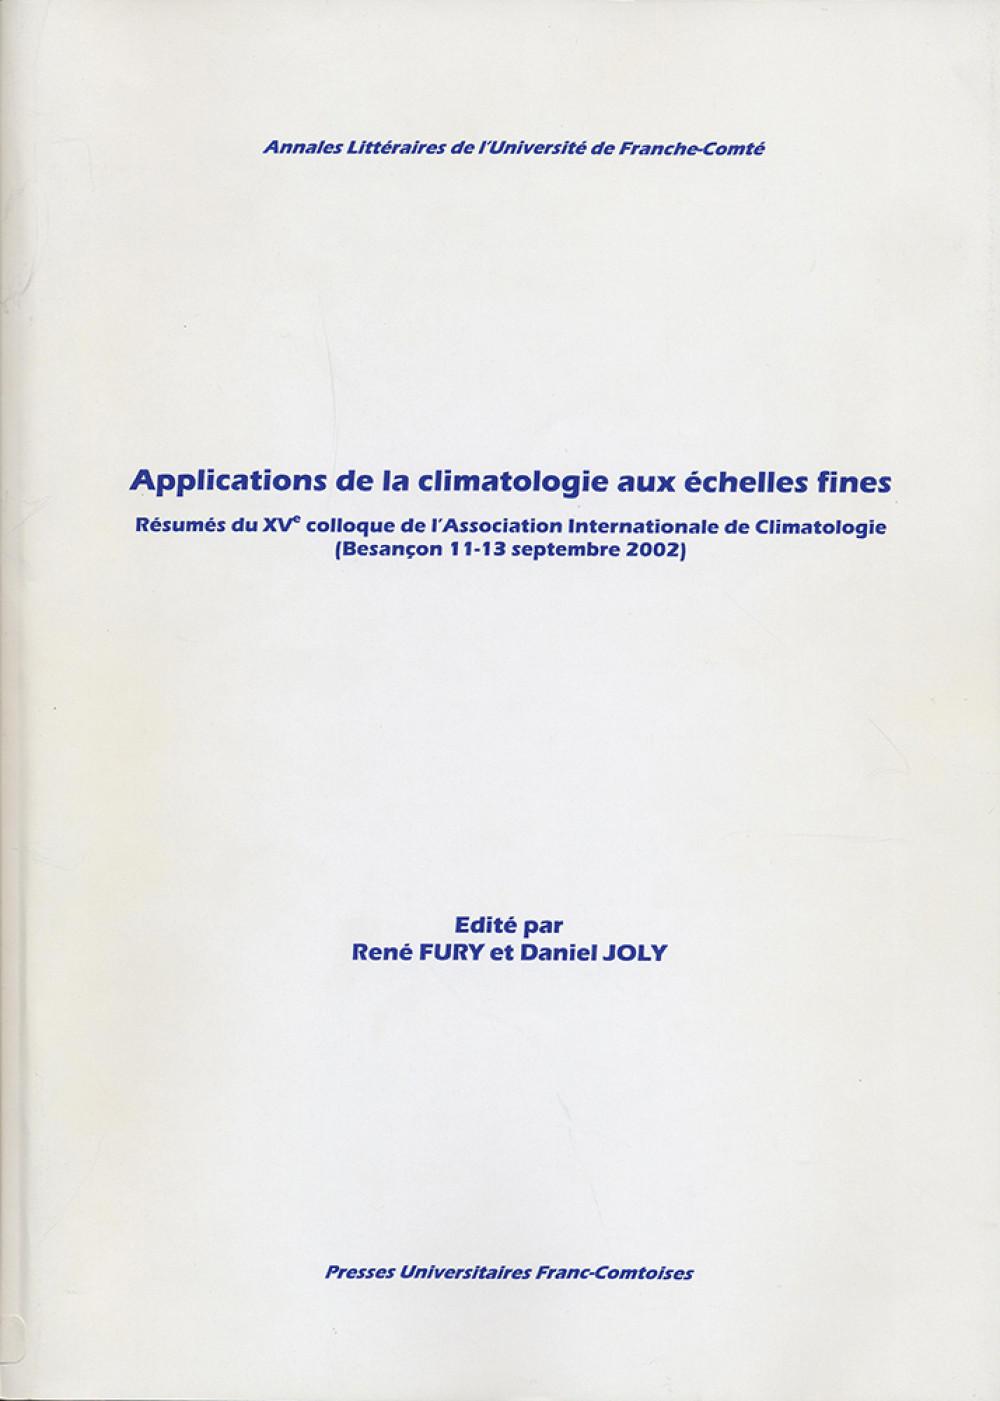 Applications de la climatologie aux échelles fines